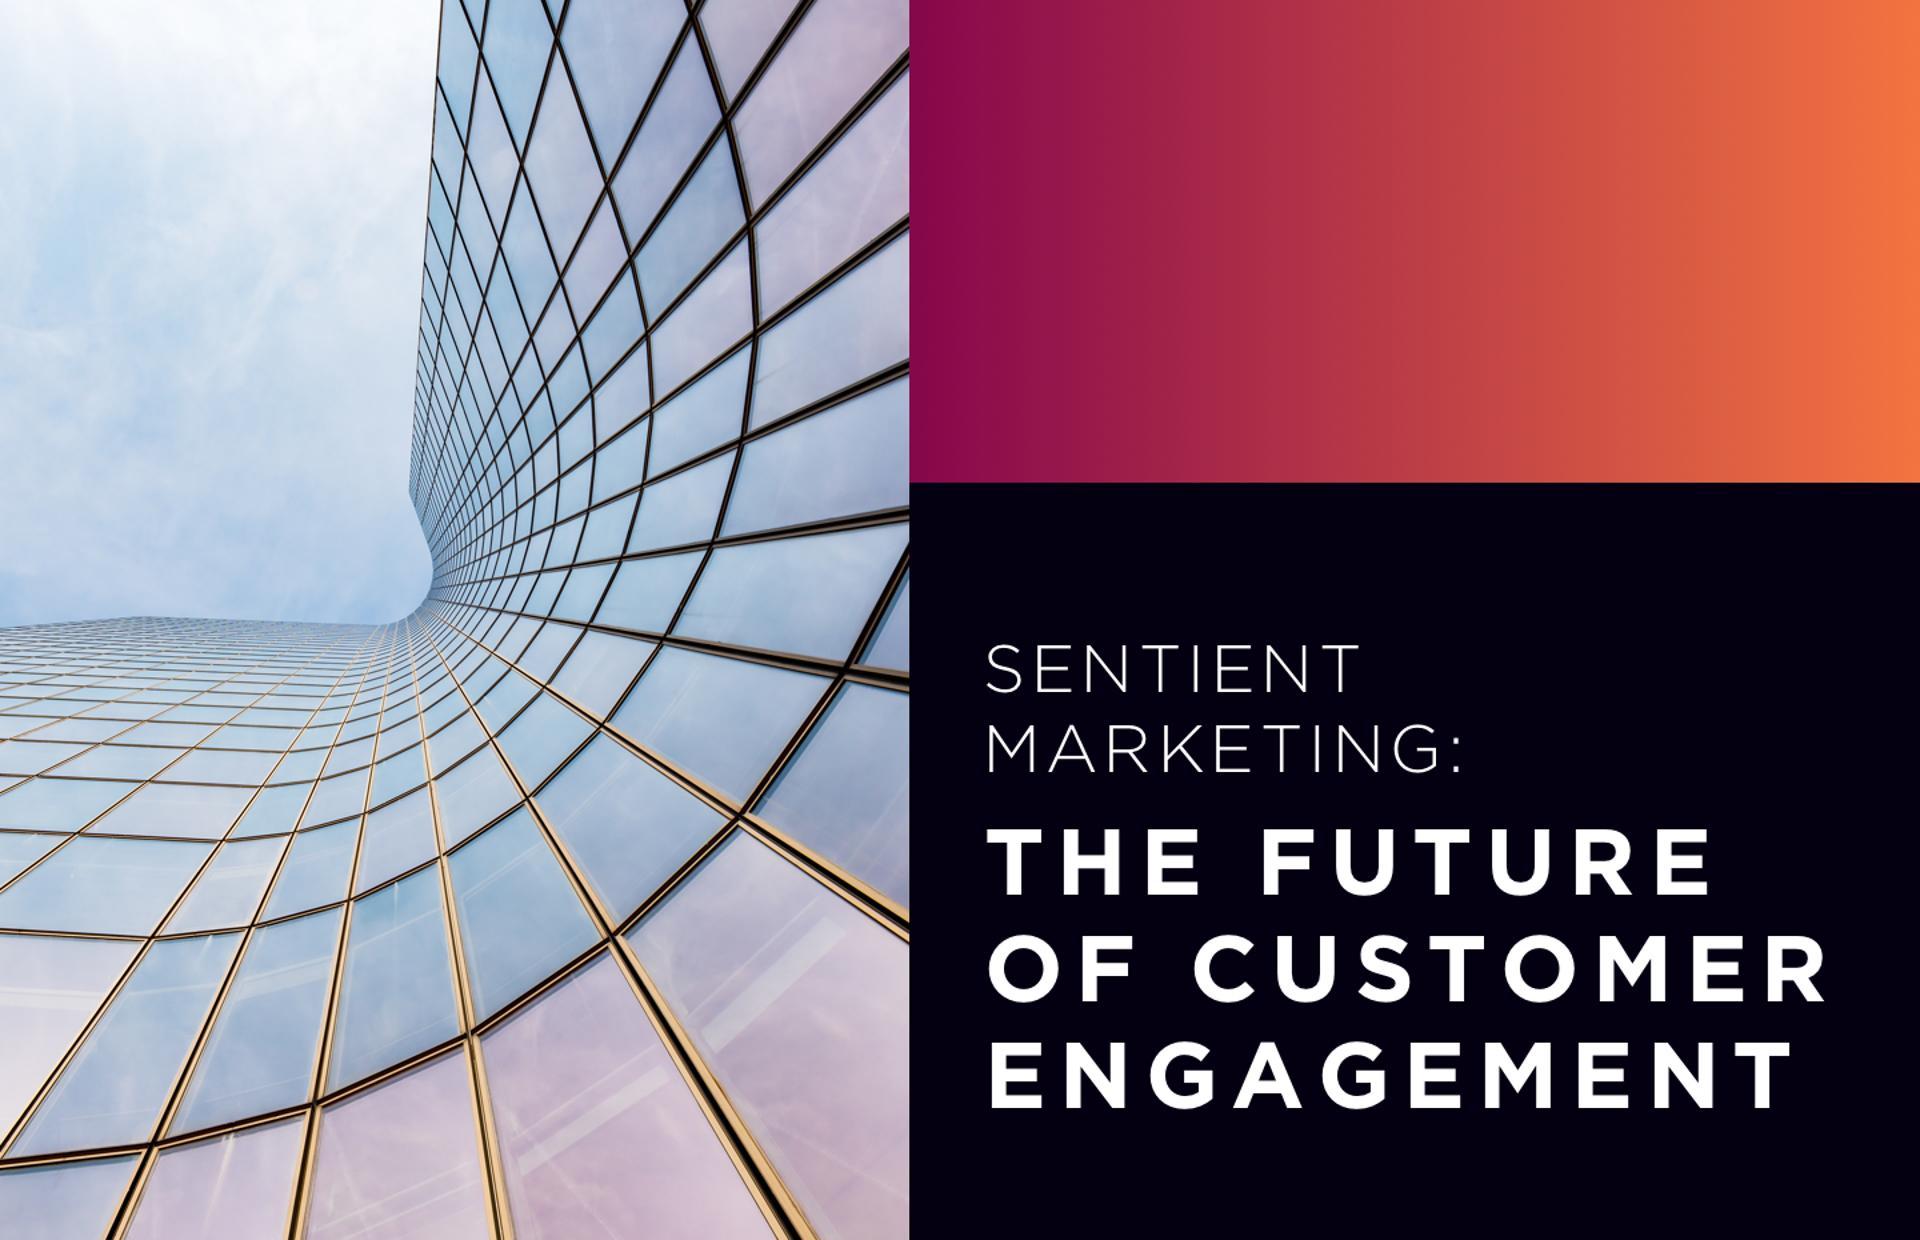 Teradata BrandVoice: Sentient Marketing: The Future of